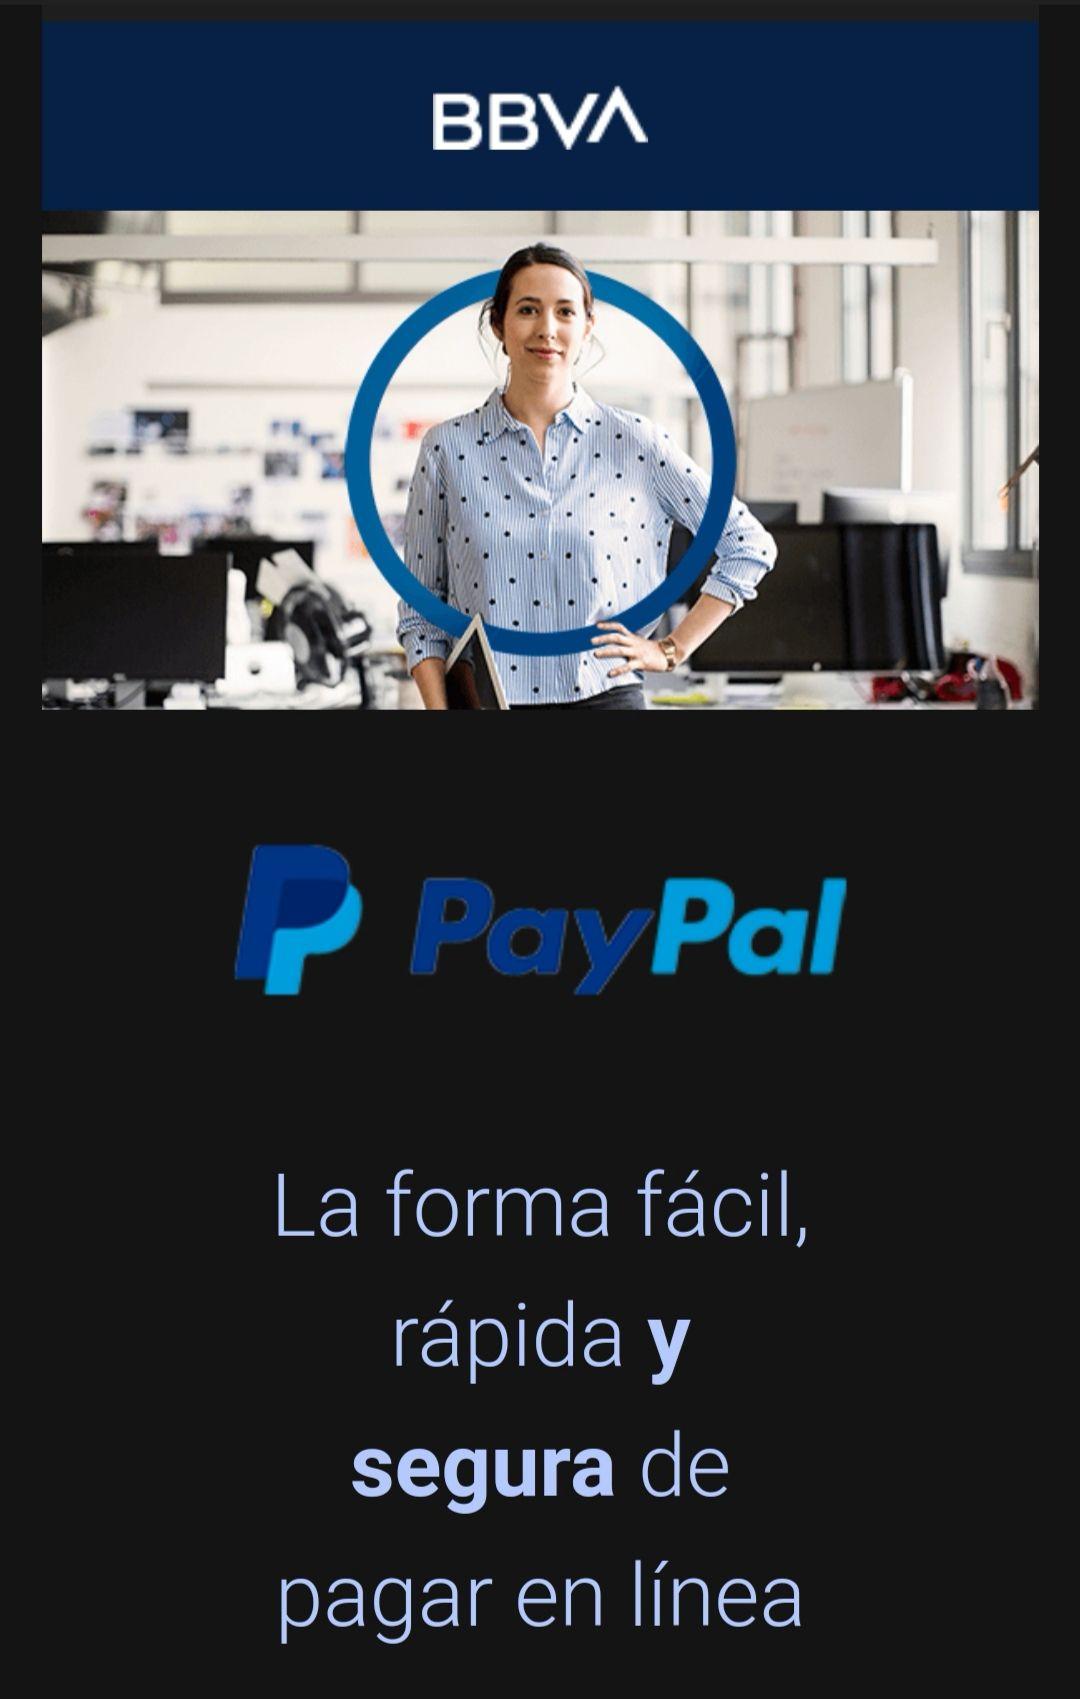 BBVA: Mil puntos BBVA al registrar TC Digital en PayPal + Puntos dobles en agosto